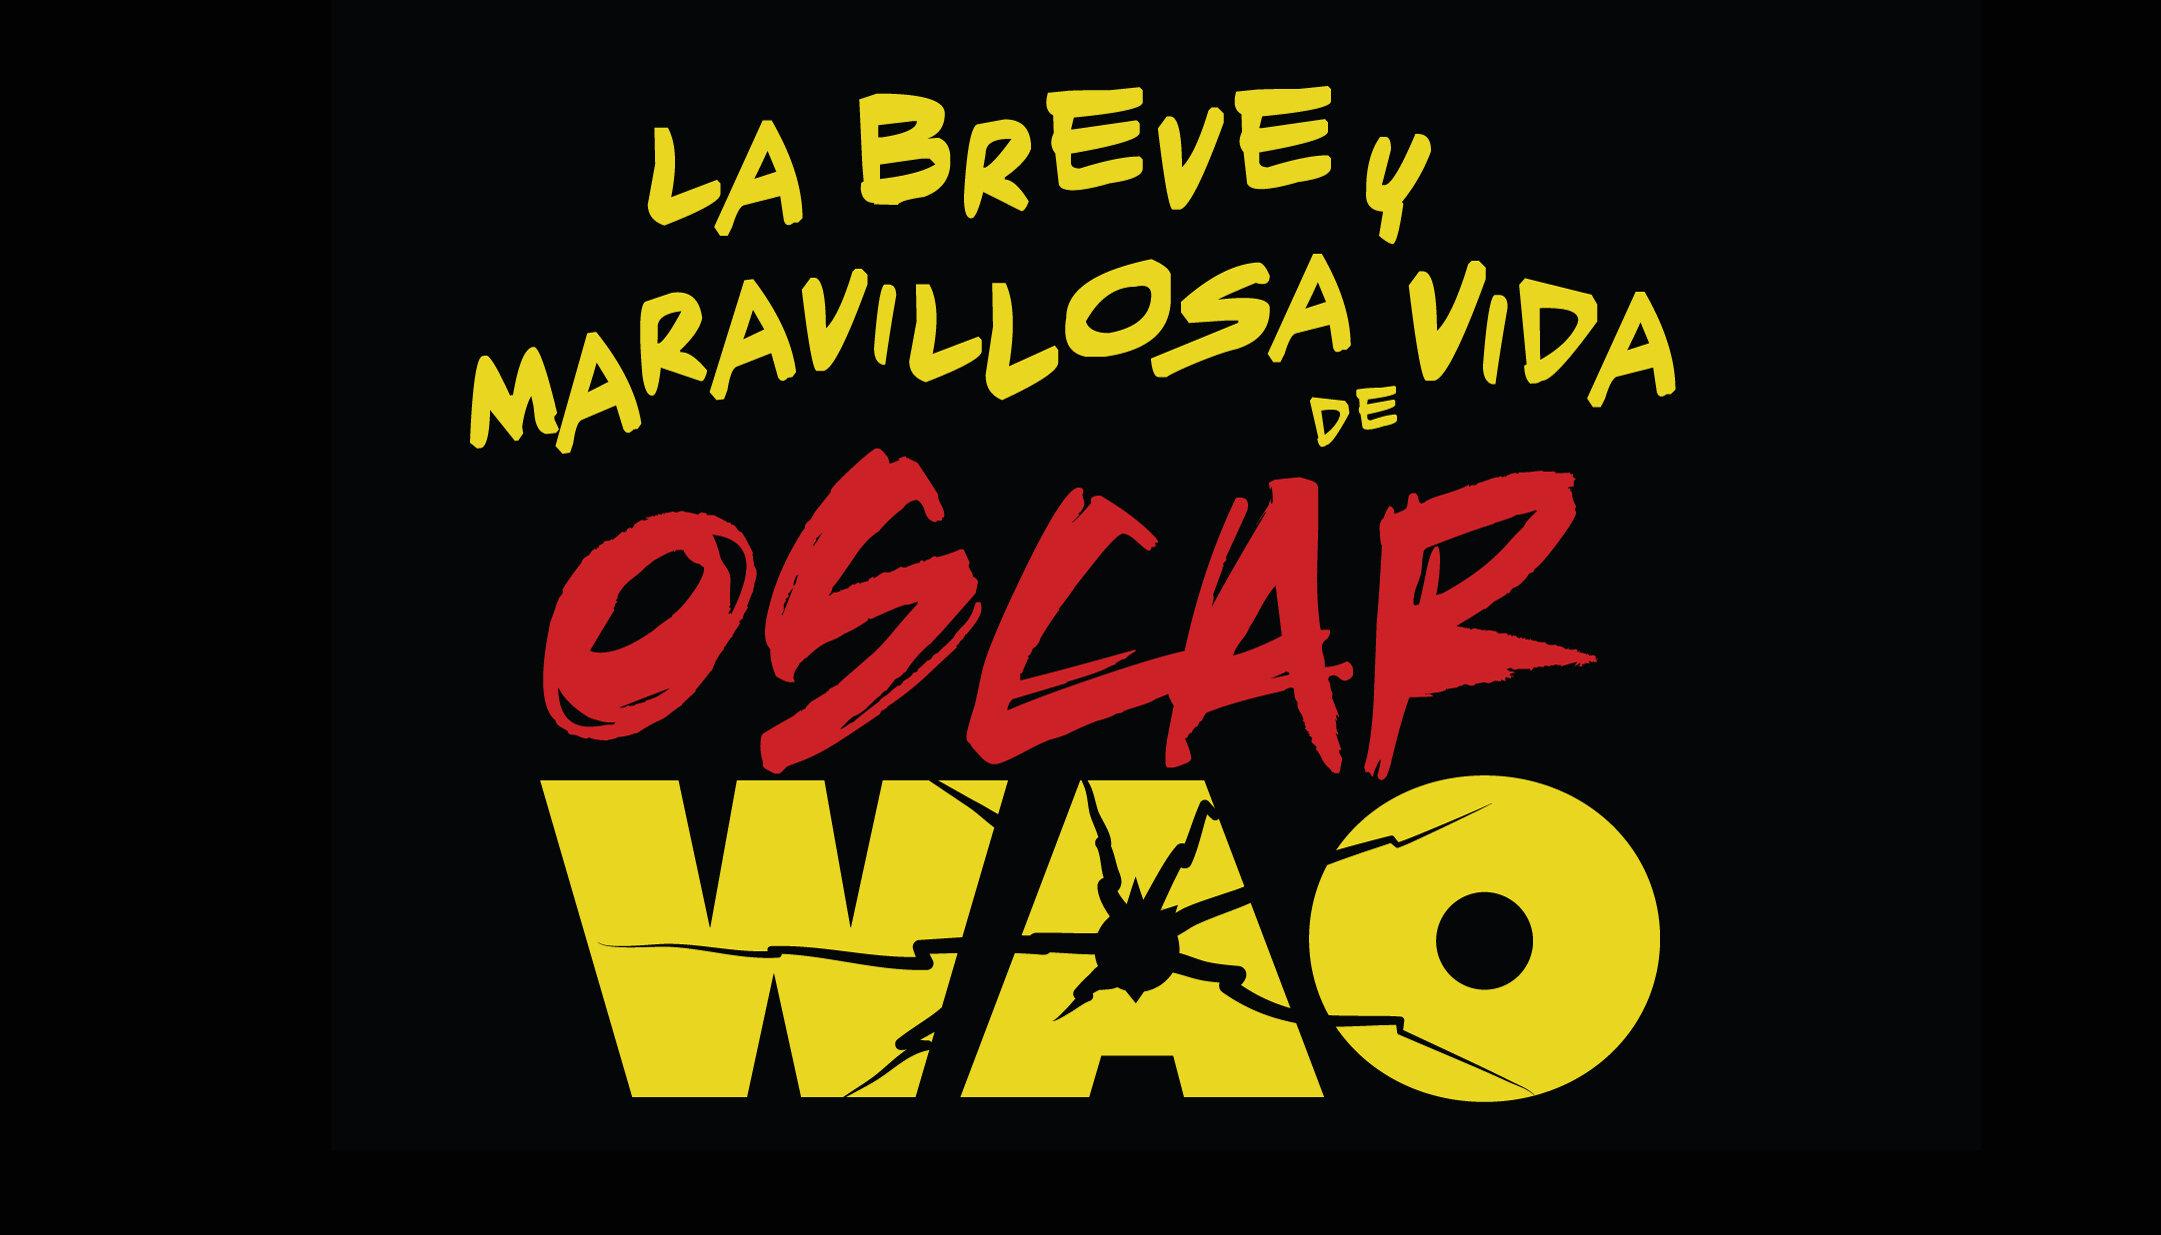 Adaptación teatral de la novela escrita por Junot Díaz por el director Marco Antonio Rodríguez